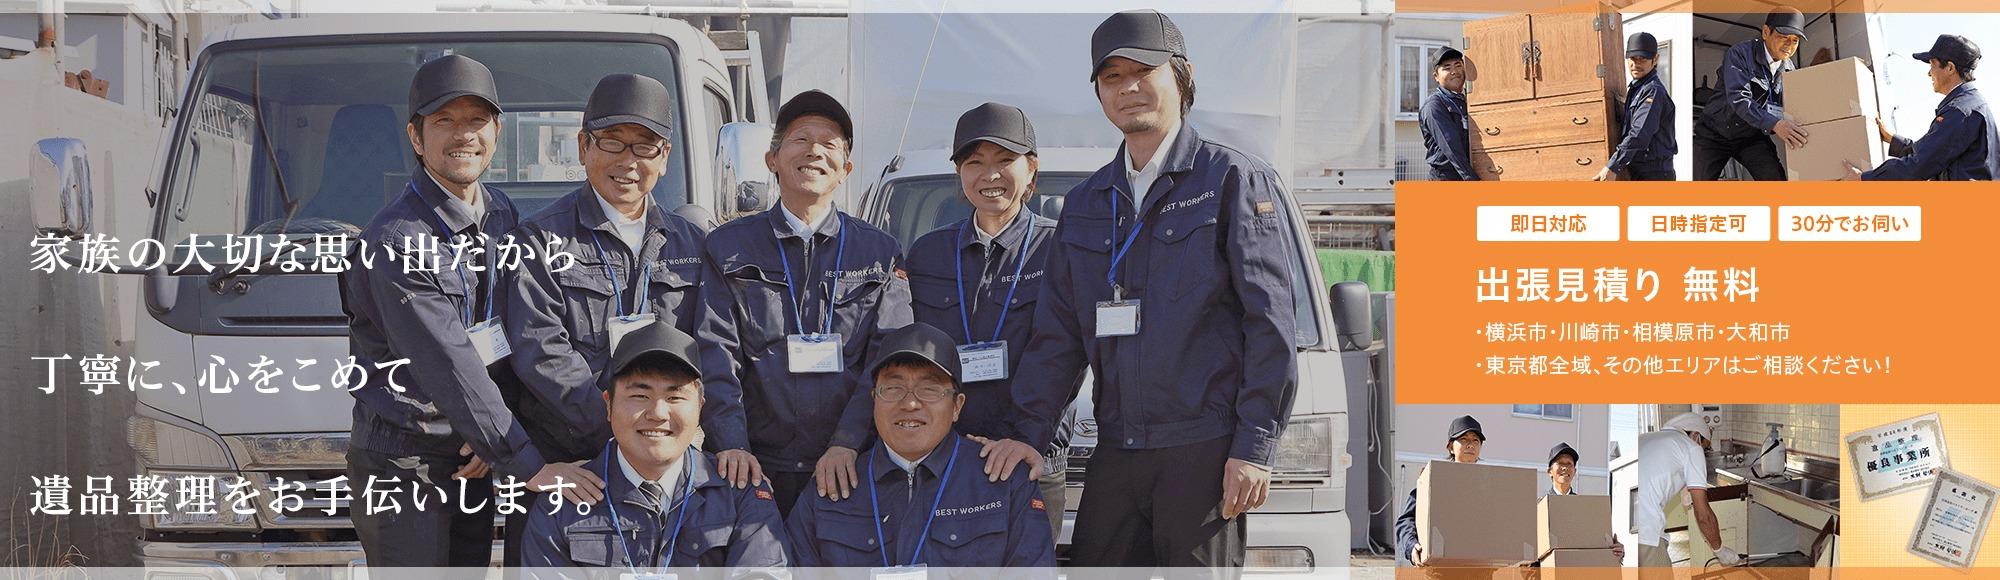 横浜ベスト遺品整理社